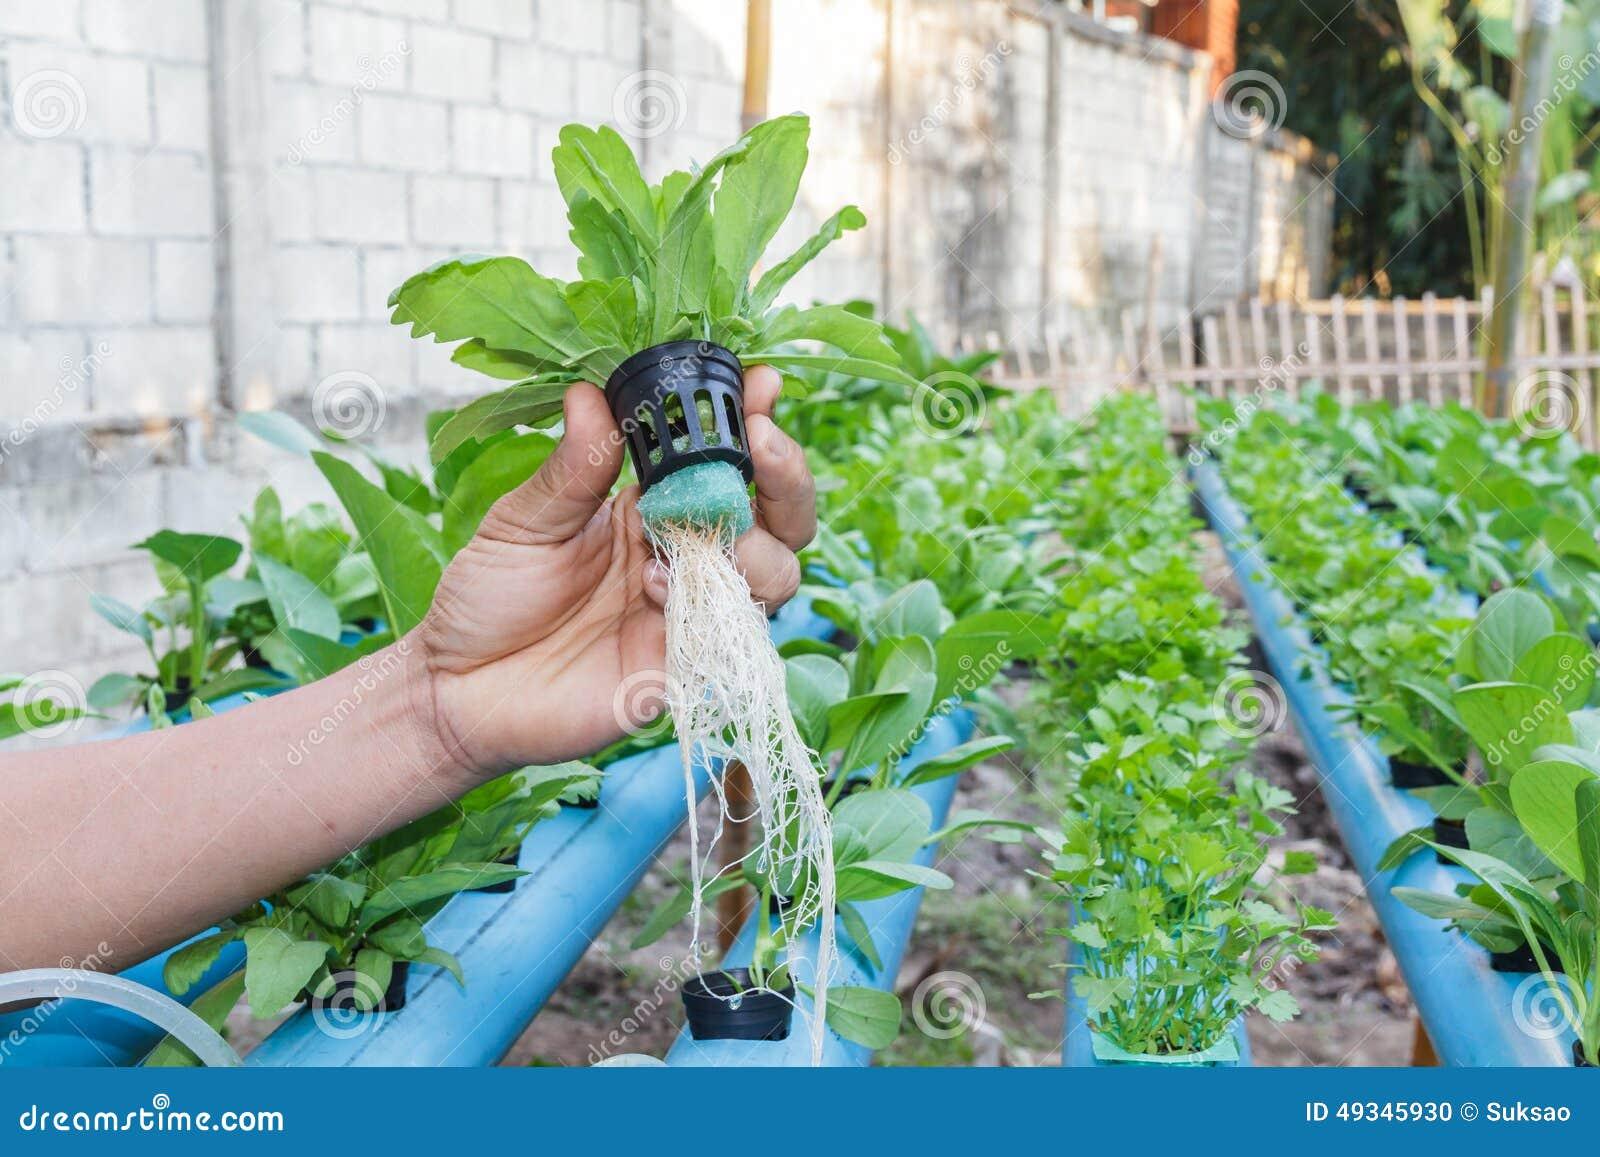 Огурцы - выращивание, посадка, уход. В открытом грунте и 81